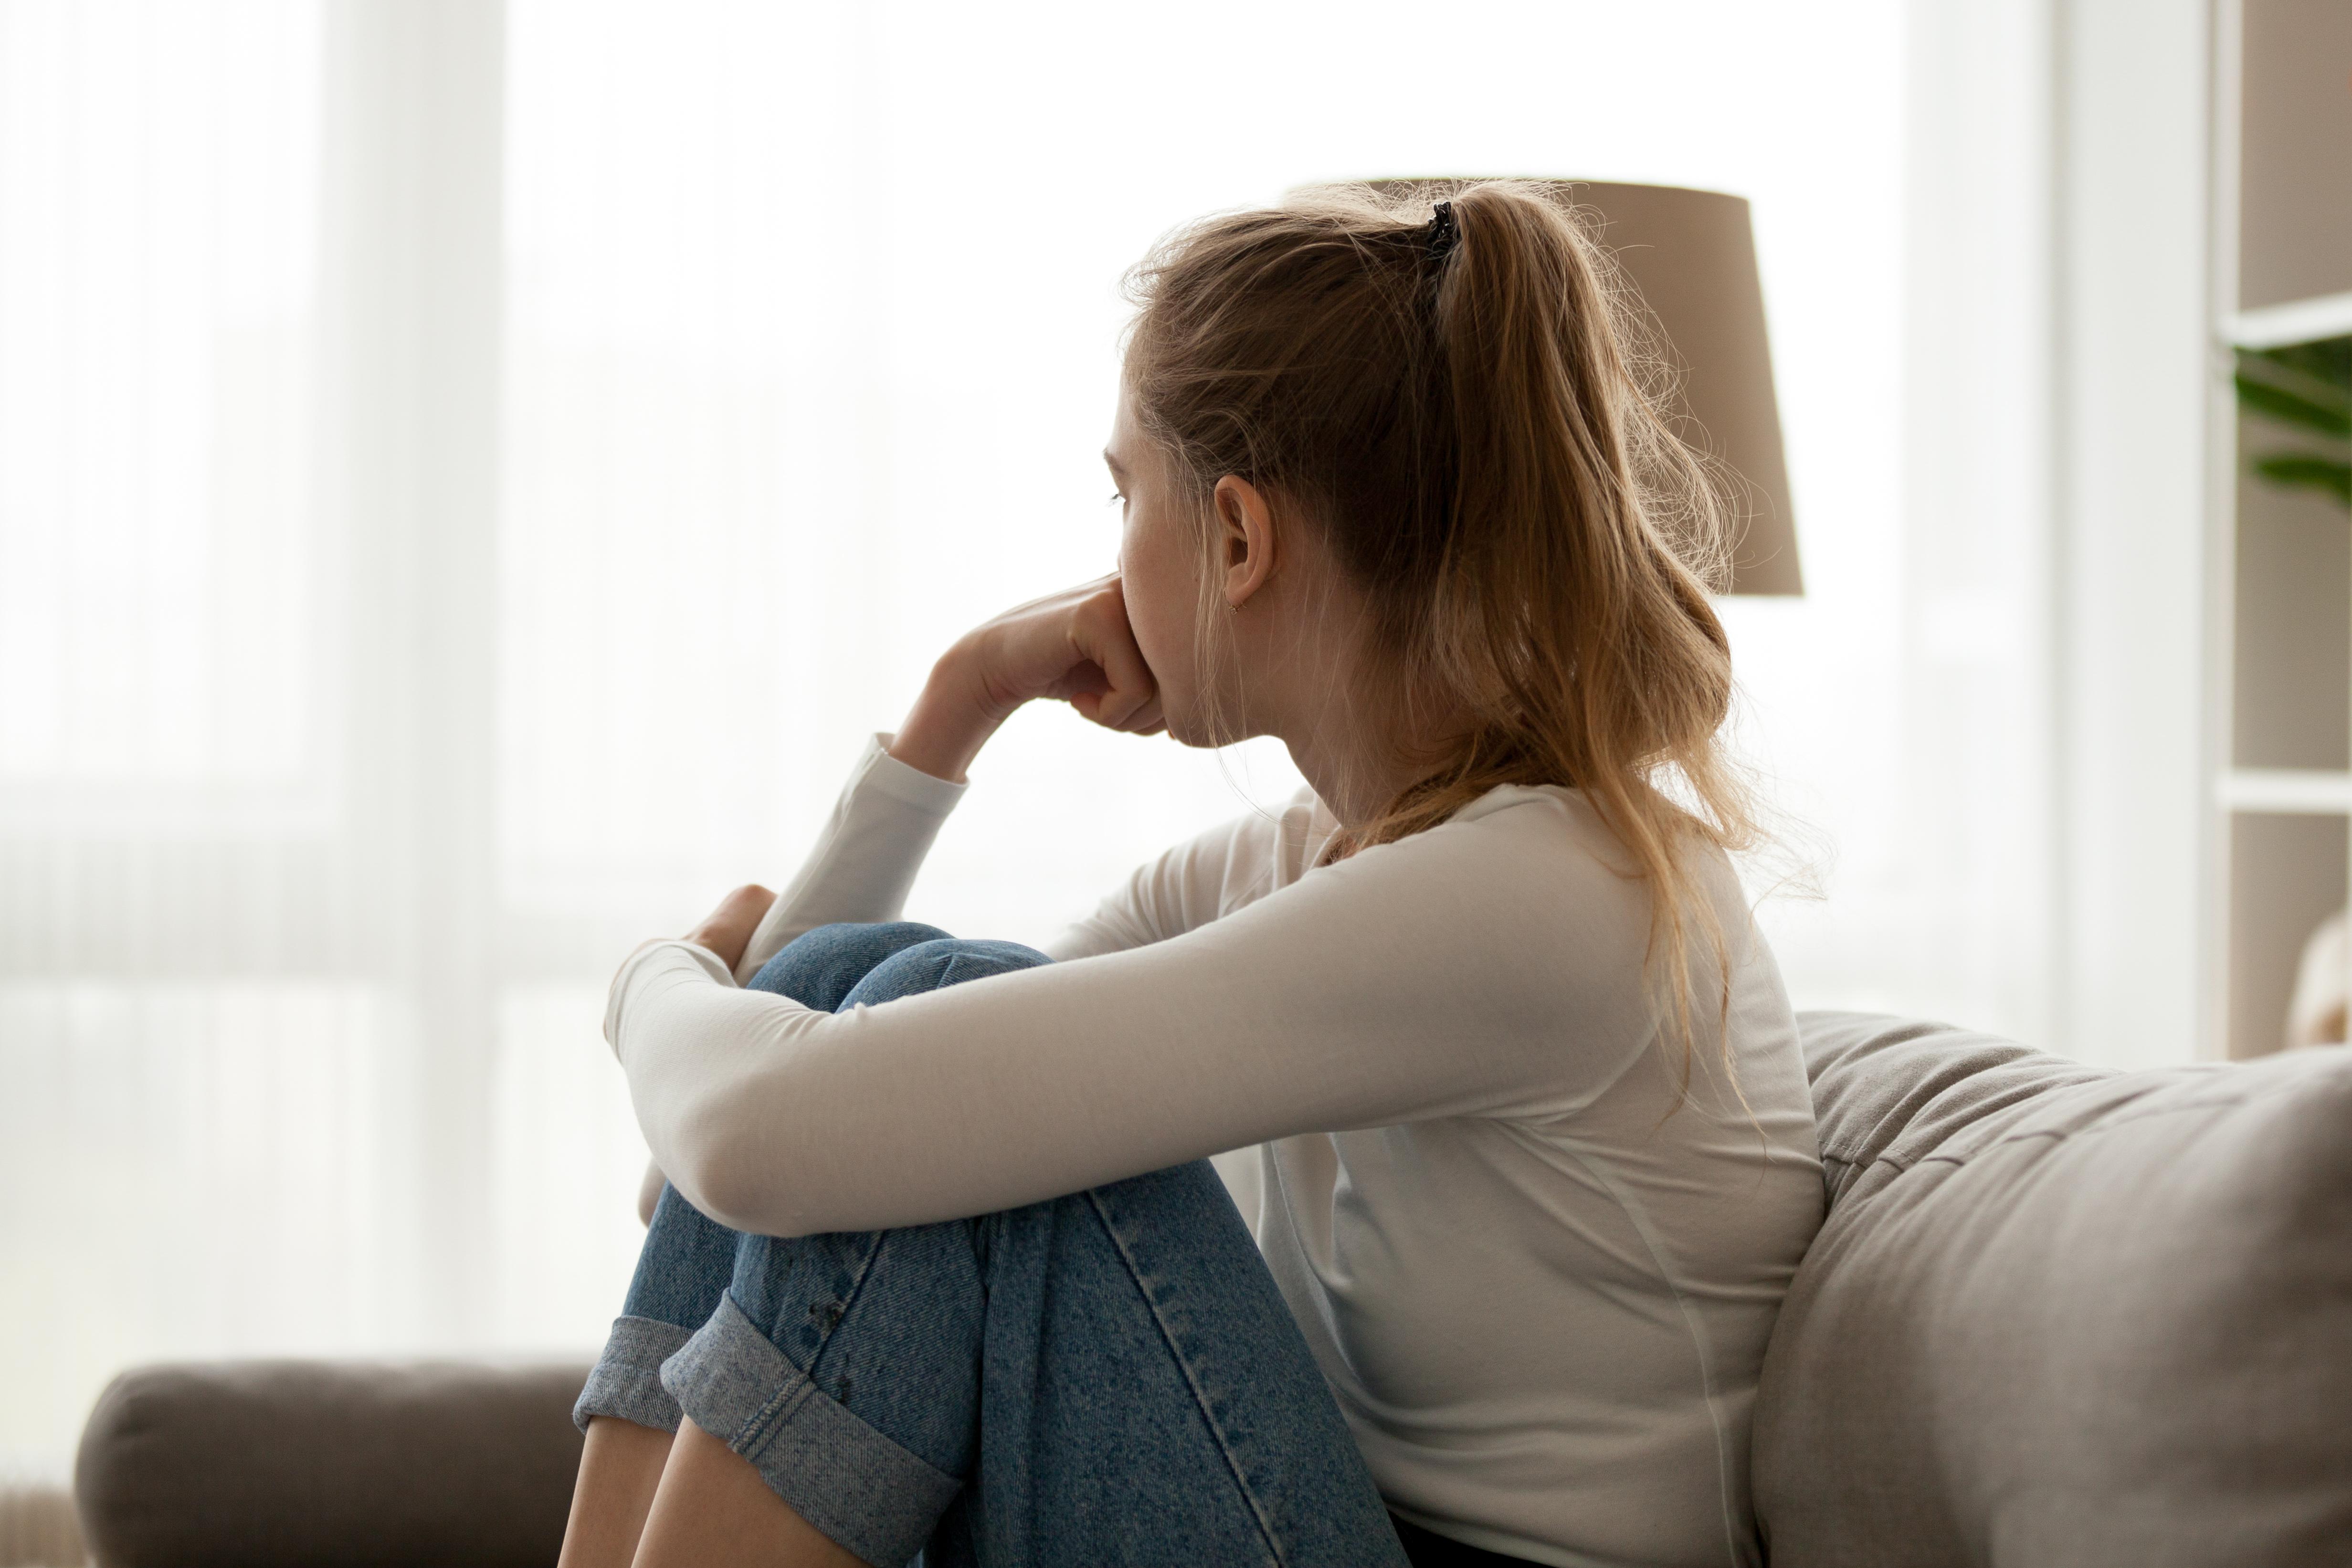 Mest i riskzonen för att drabbas av negativa hälsoeffekter på grund av brist på ljus och så kallat dåligt ljus är kvinnor, framförallt unga kvinnor.